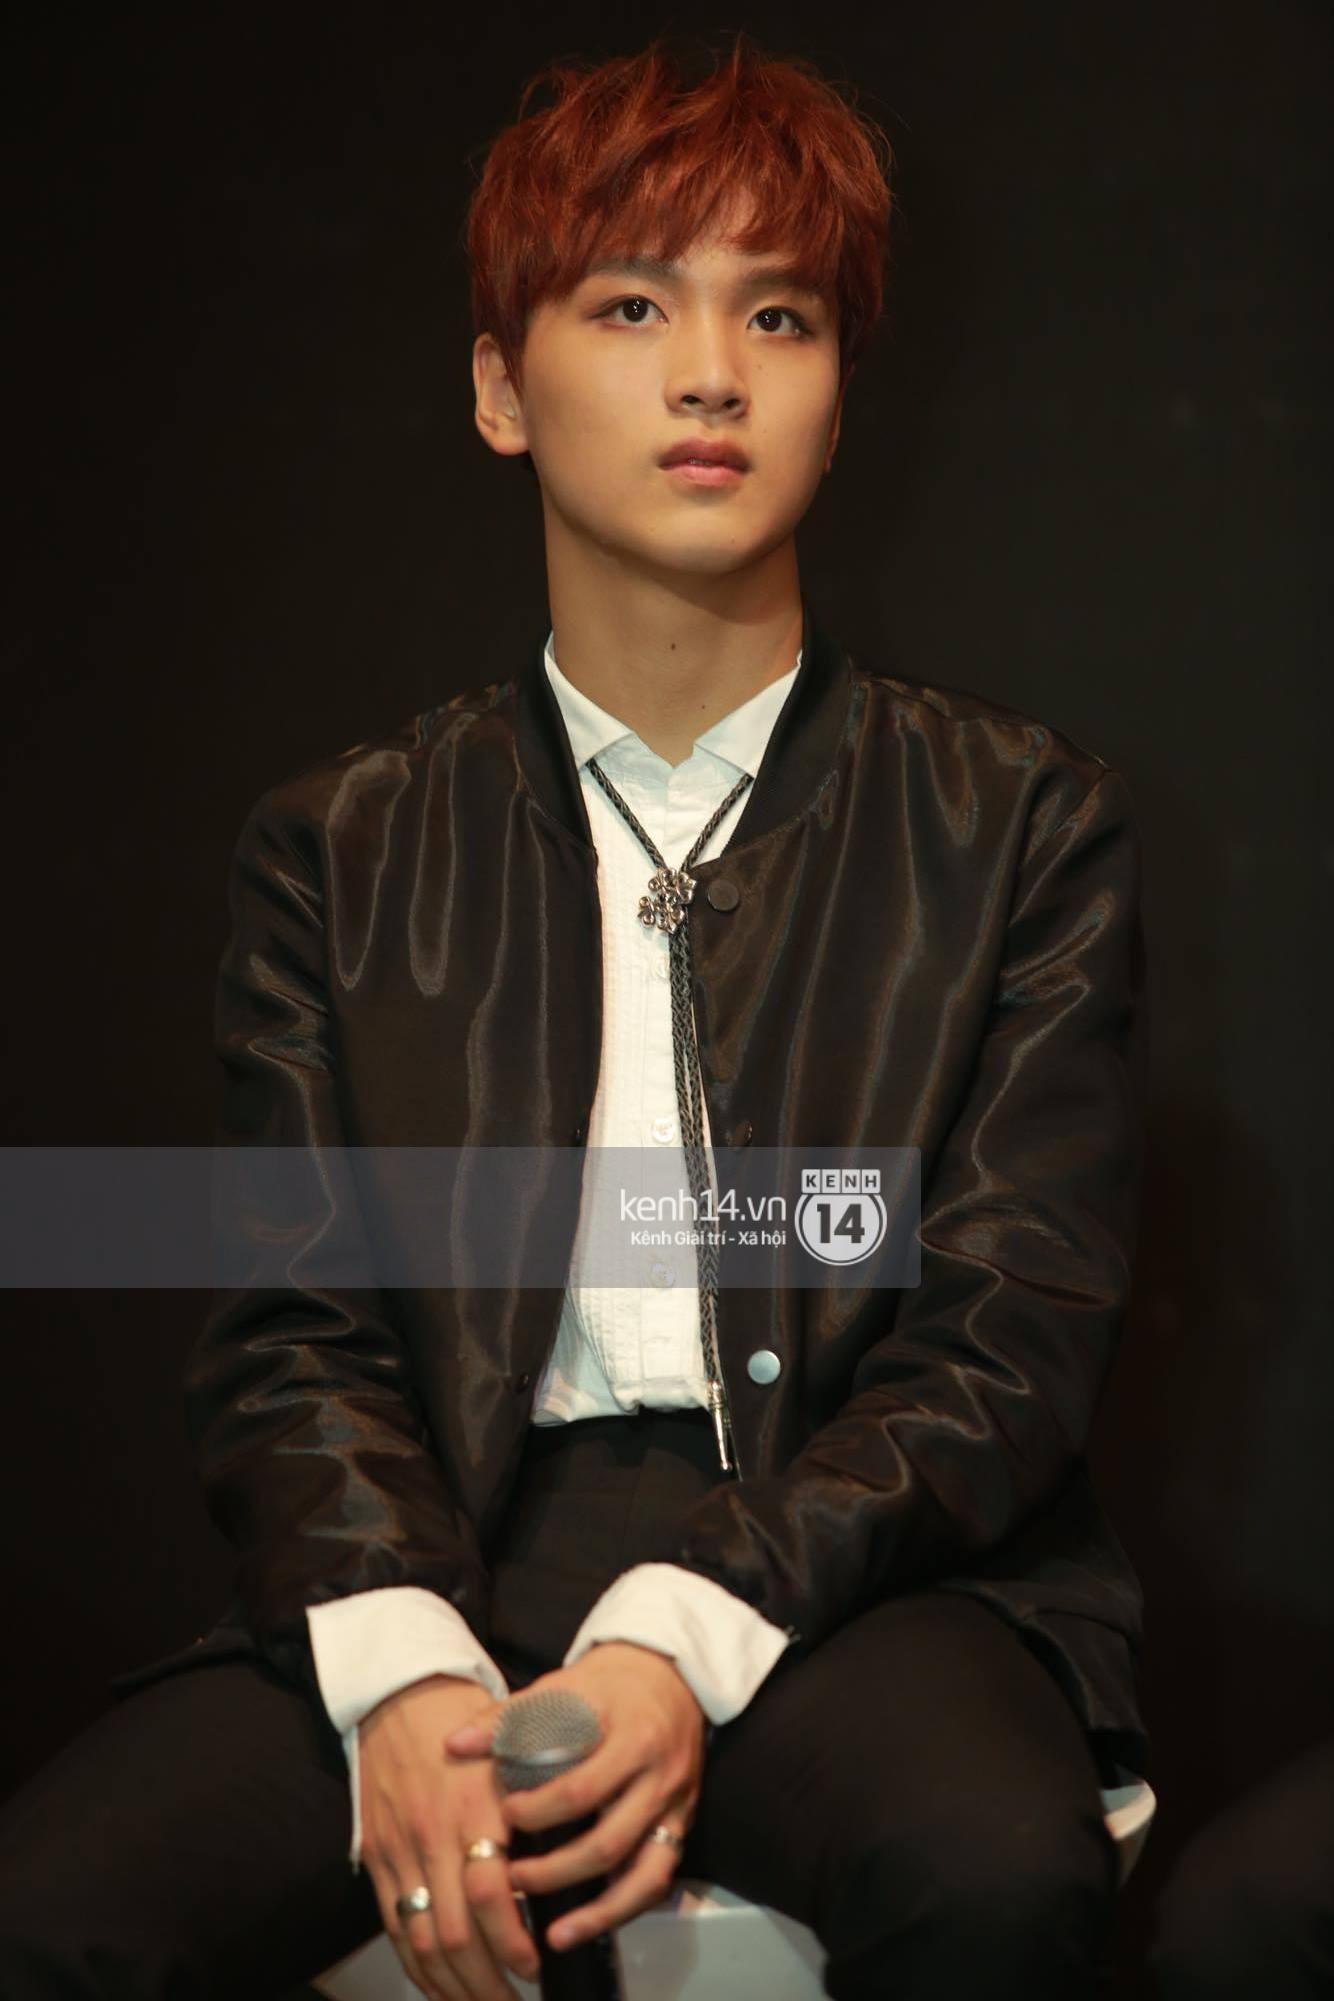 Mỹ nam Taeyong tiết lộ muốn ở lại Việt Nam, NCT 127 đồng loạt tỏ tình Anh yêu em với fan tại họp báo ở Hà Nội - Ảnh 27.